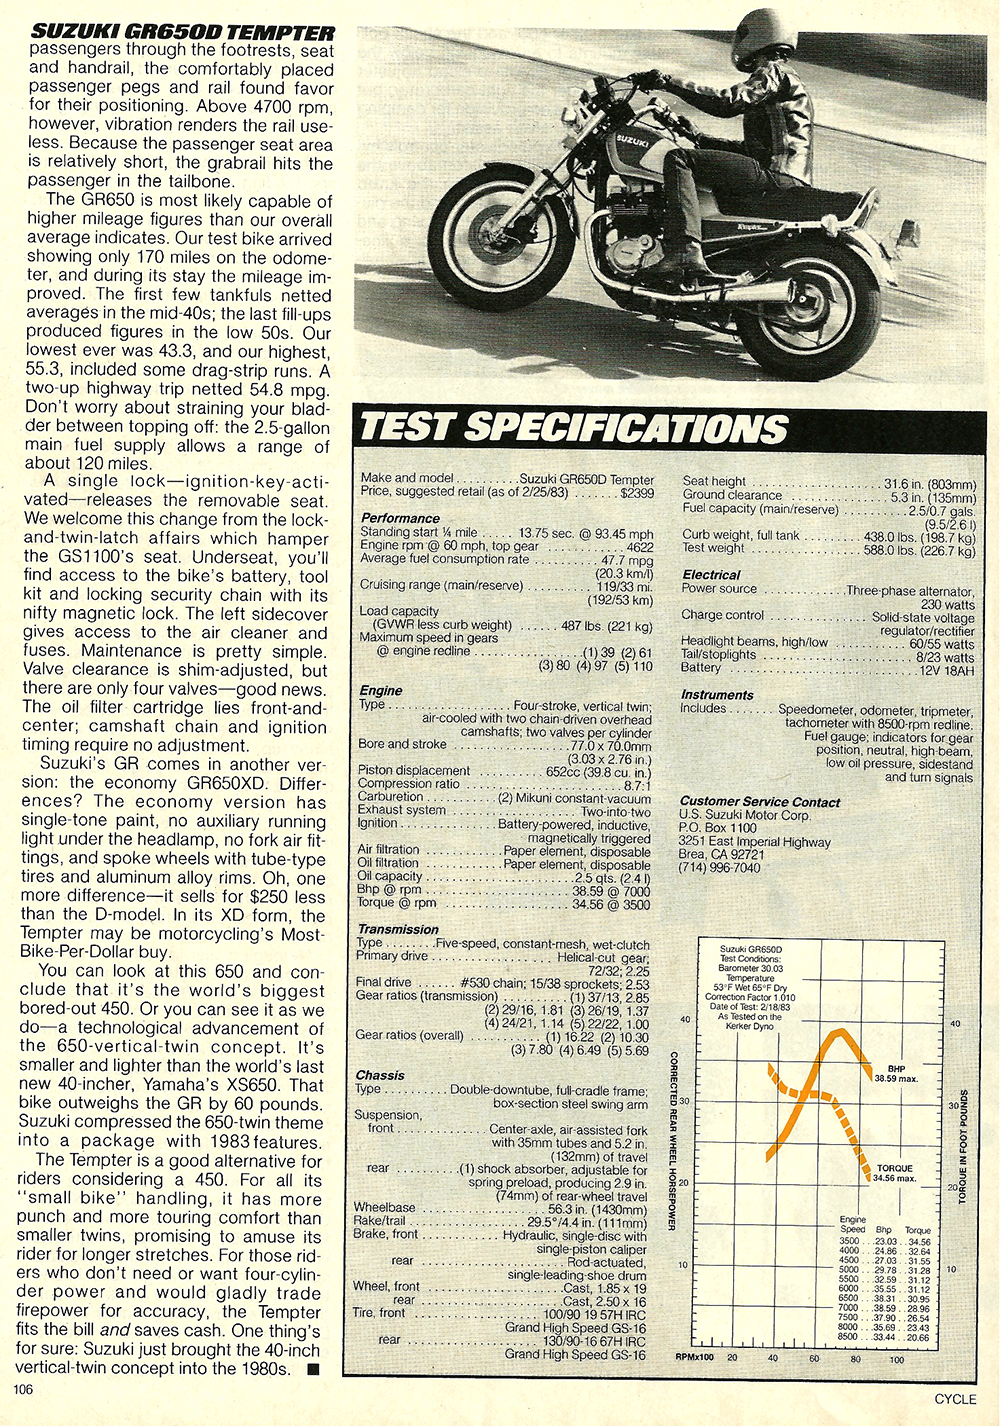 1983 Suzuki GR650D Tempter road test 7.jpg